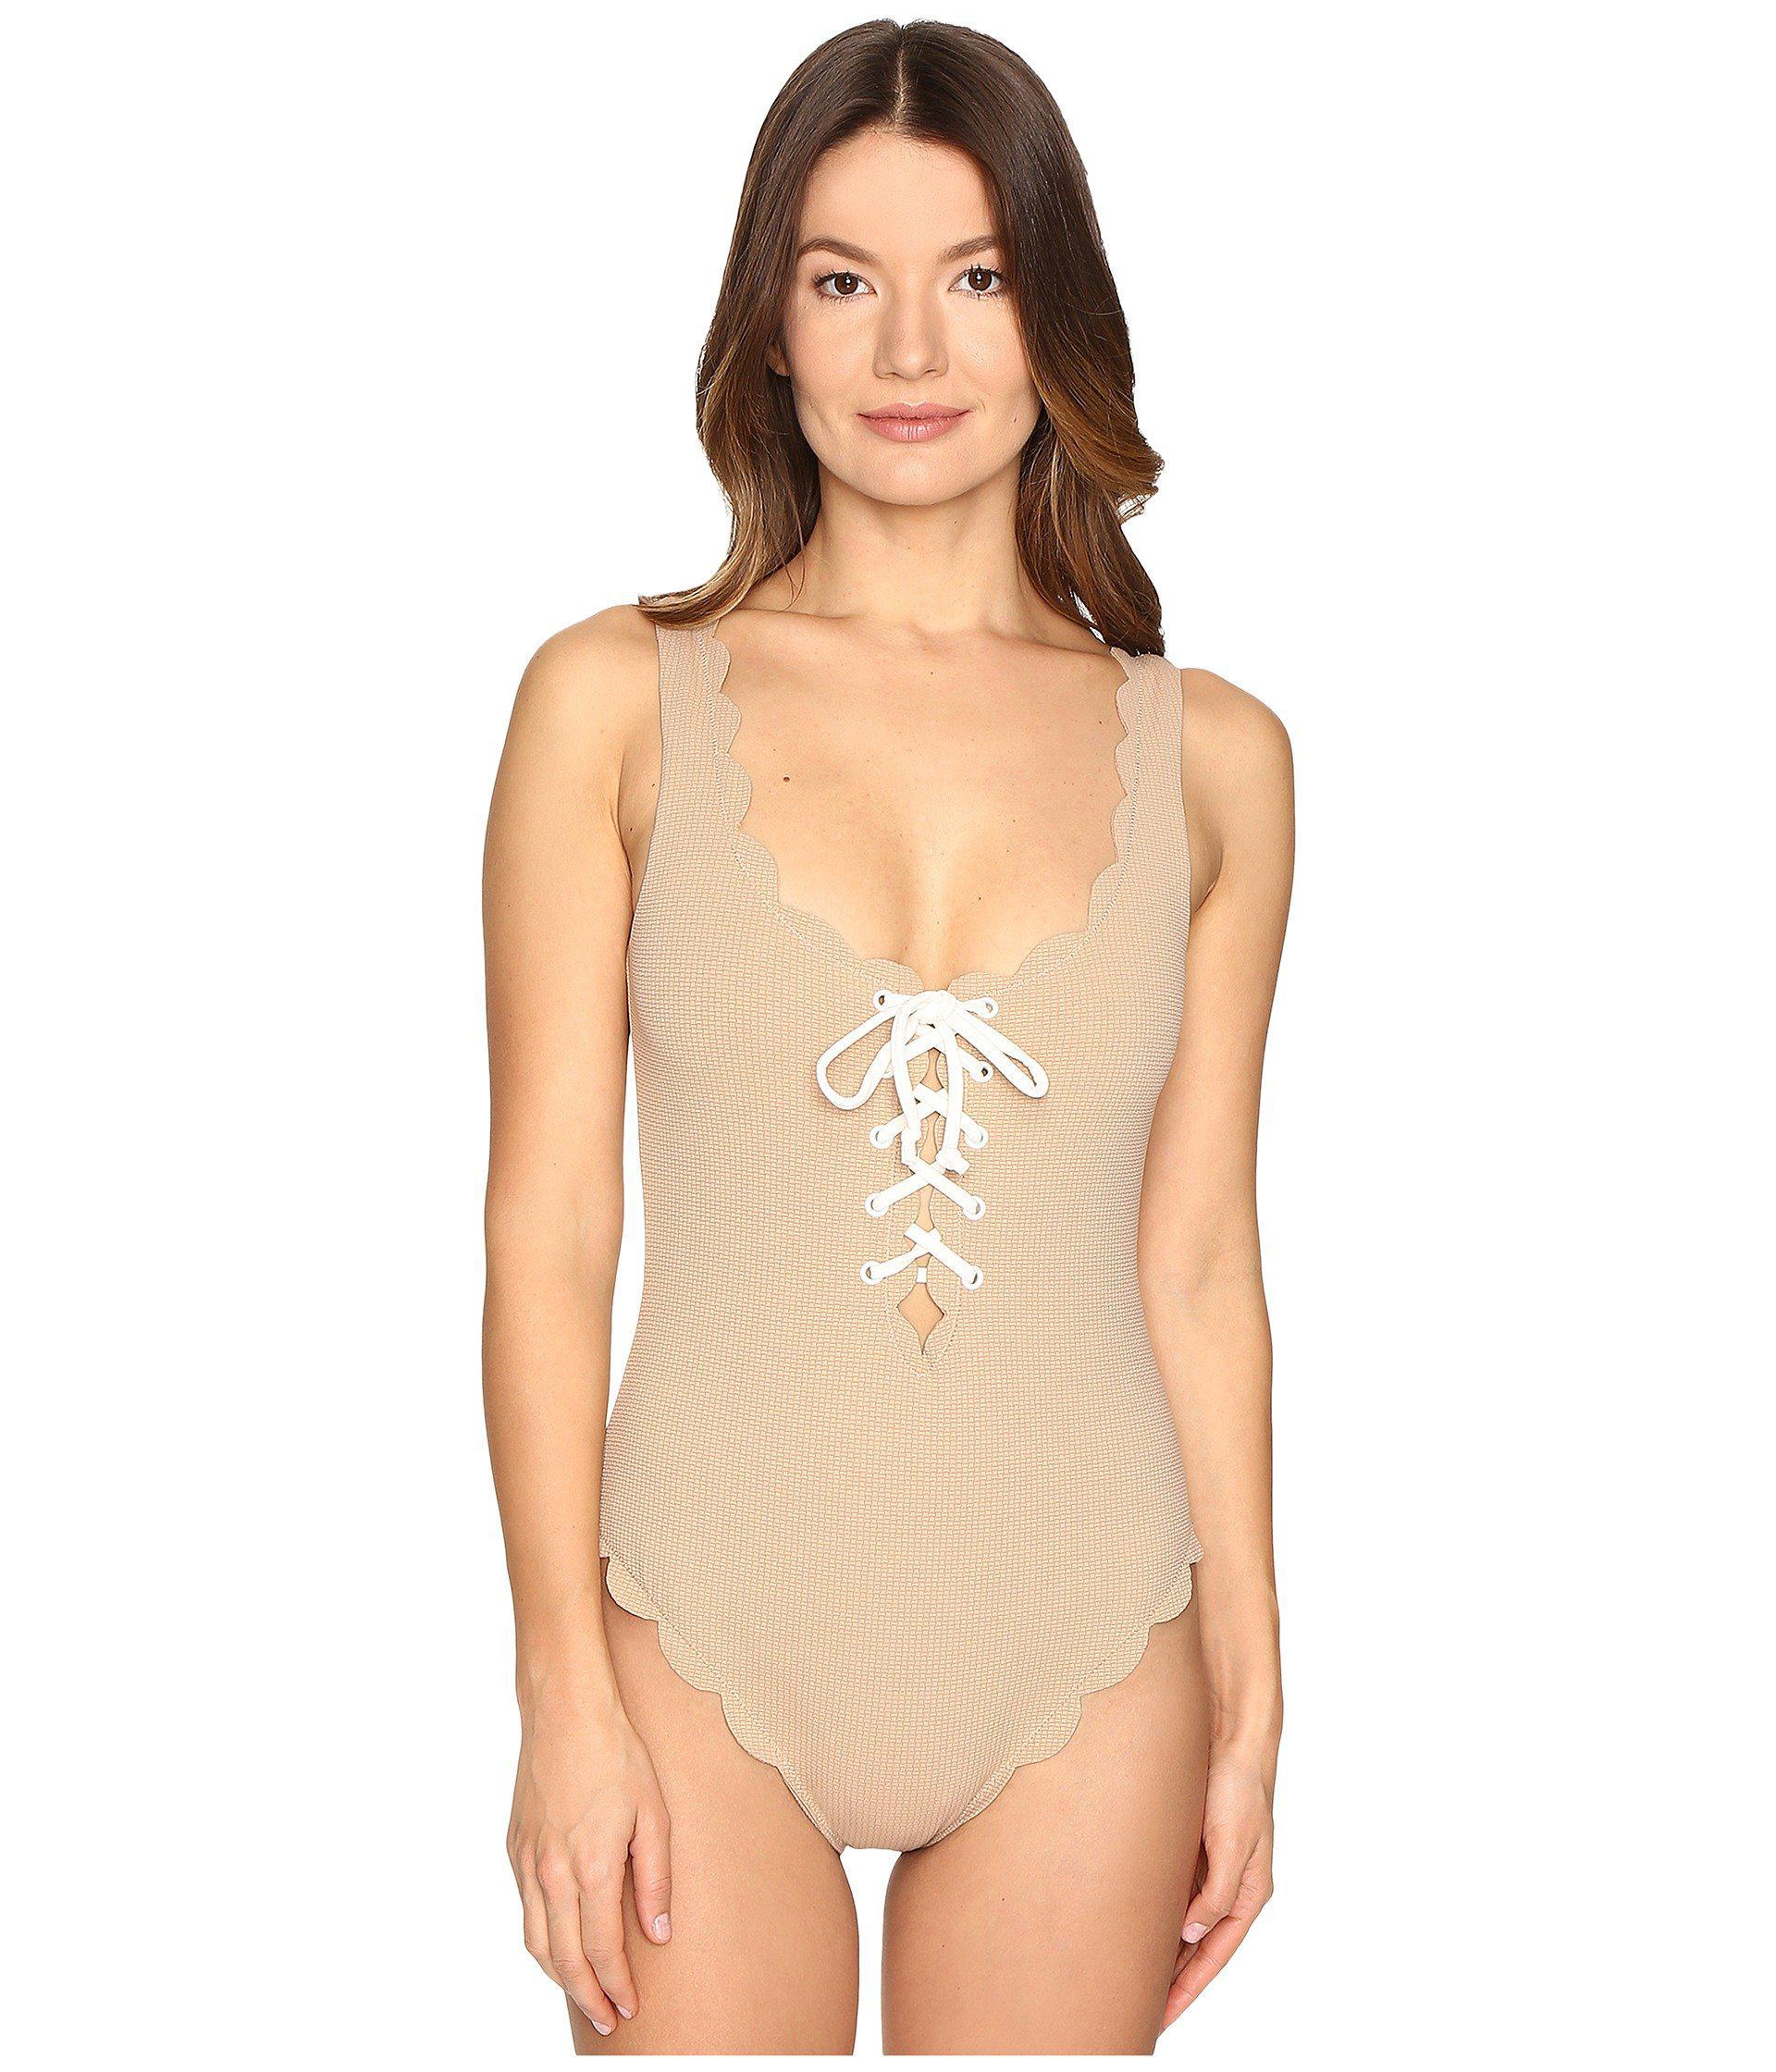 ba04688f6f3 Marysia Swim Palm Springs Tie Maillot One-piece - Lyst